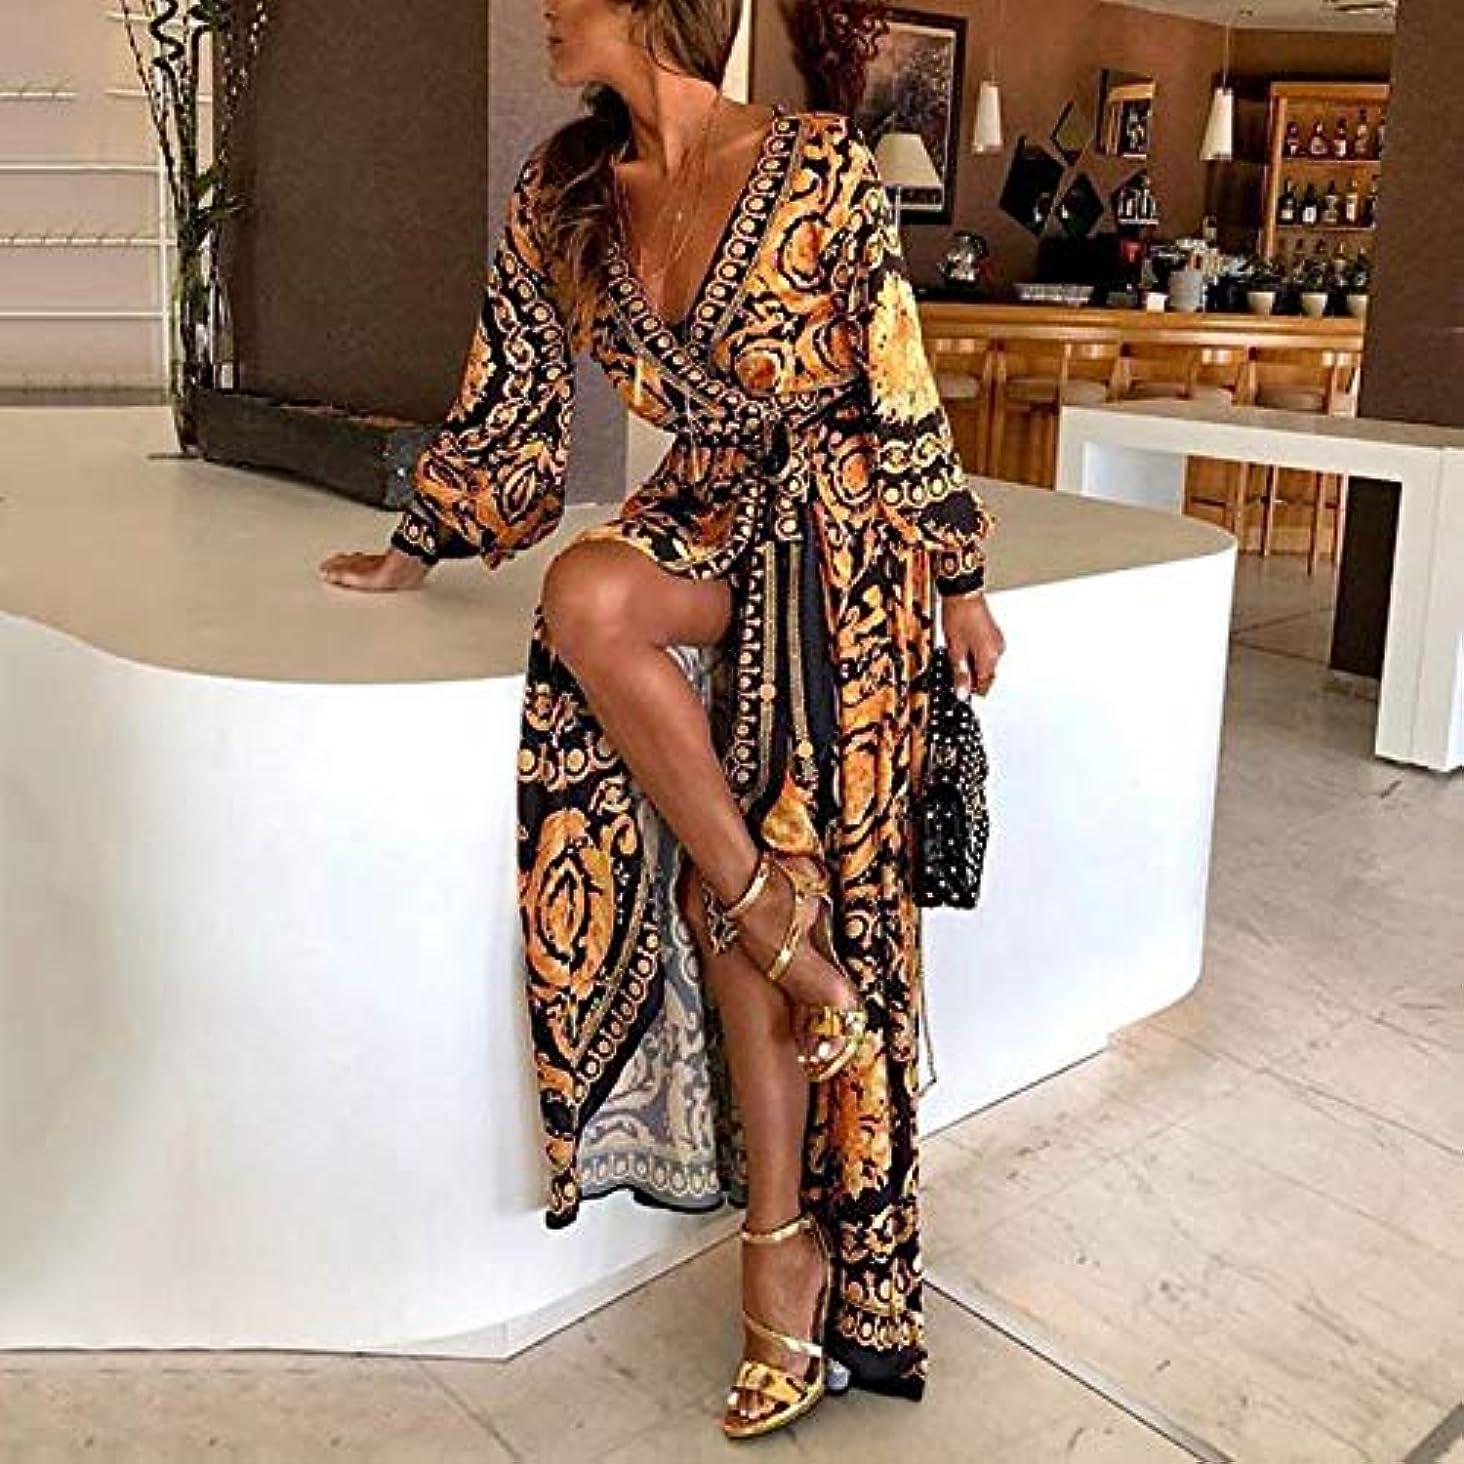 メガロポリスクロール章Onderroa - ファッションエレガントな女性のセクシーなボートネックグリッターディープVネックドレスパーティーフォーマルロングドレスを印刷